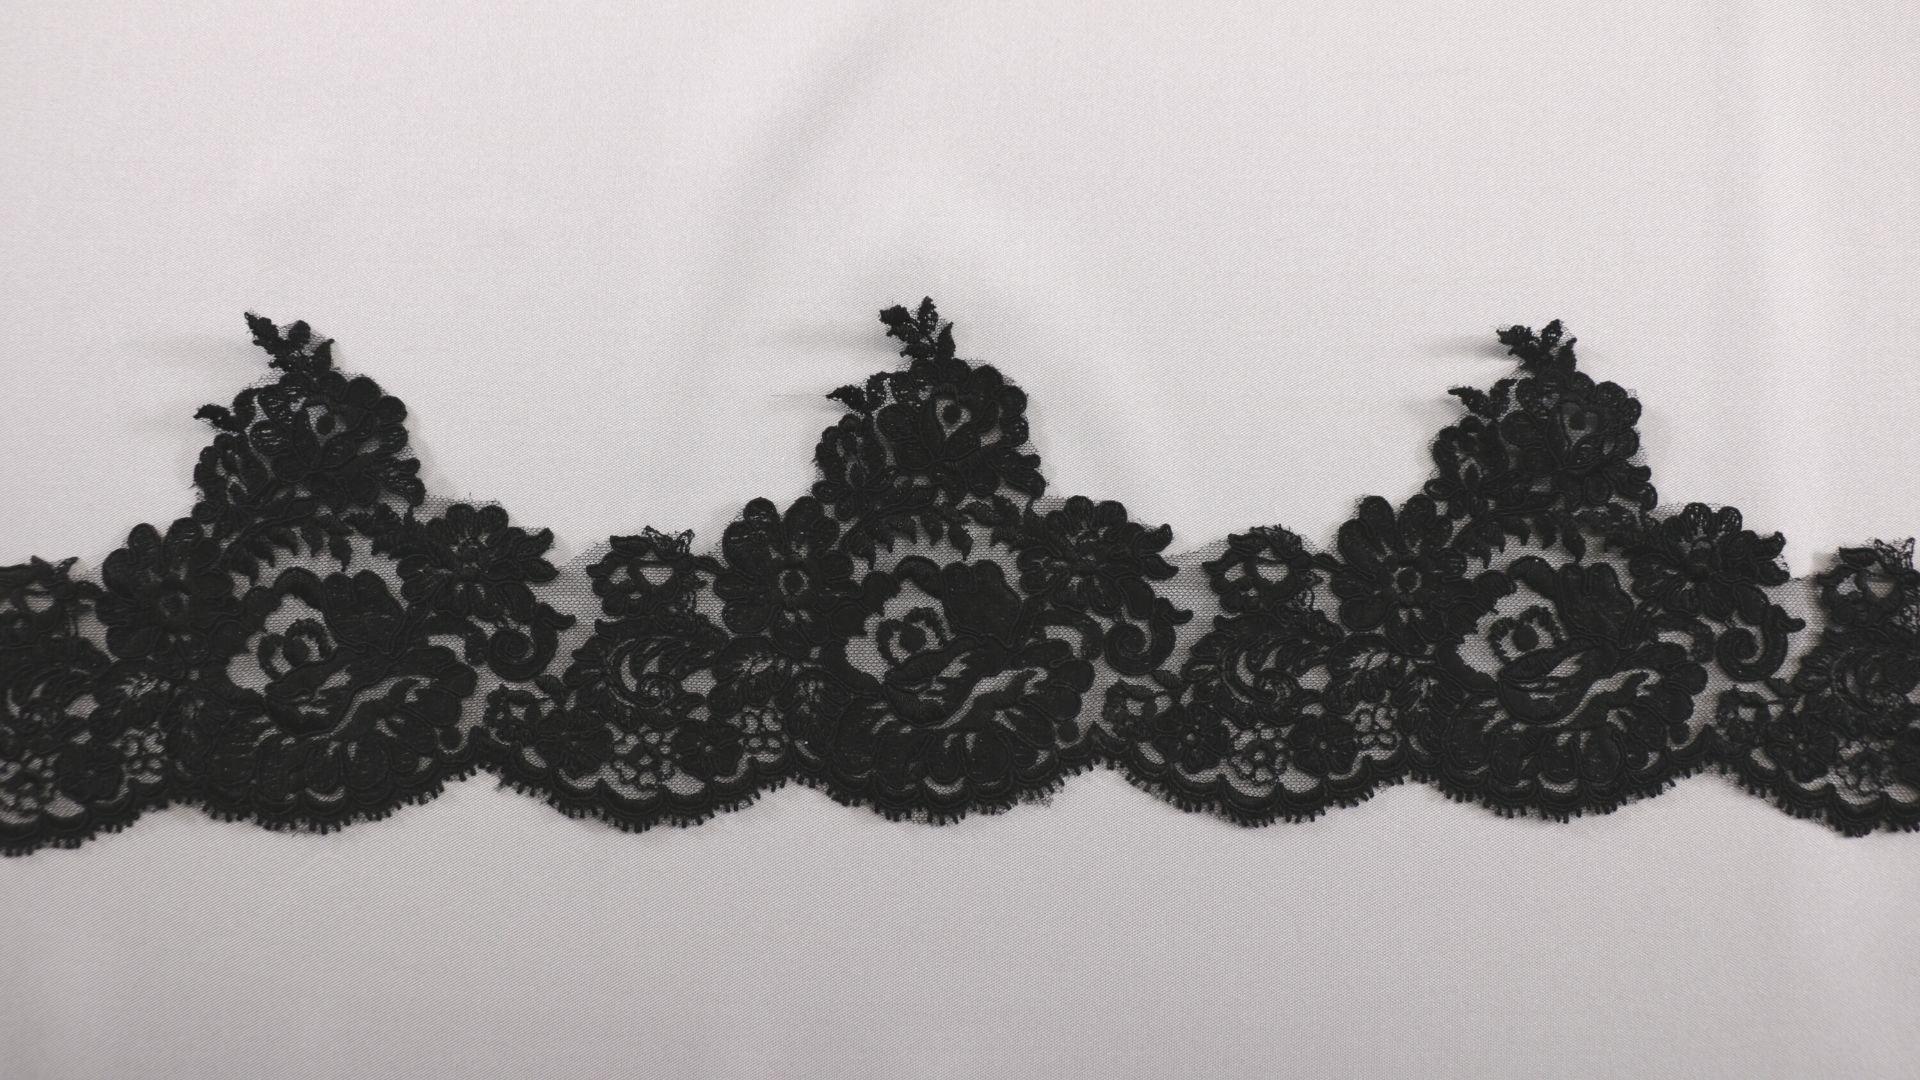 il particolare del tessuto lv9331, appartenente alla categoria ricami da sposa, di Leadford & Logan